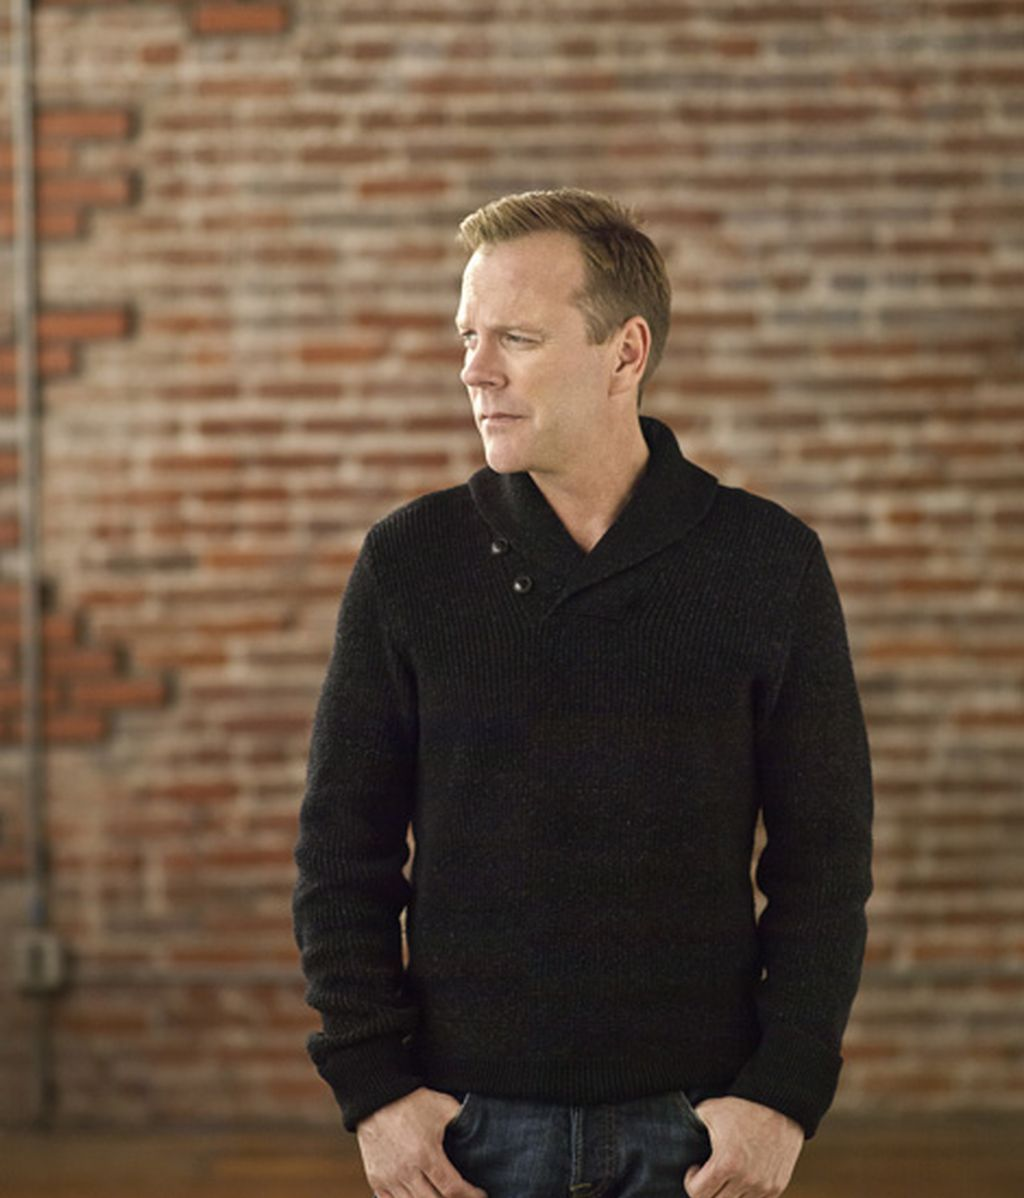 Martin Bohm (Kiefer Sutherland)